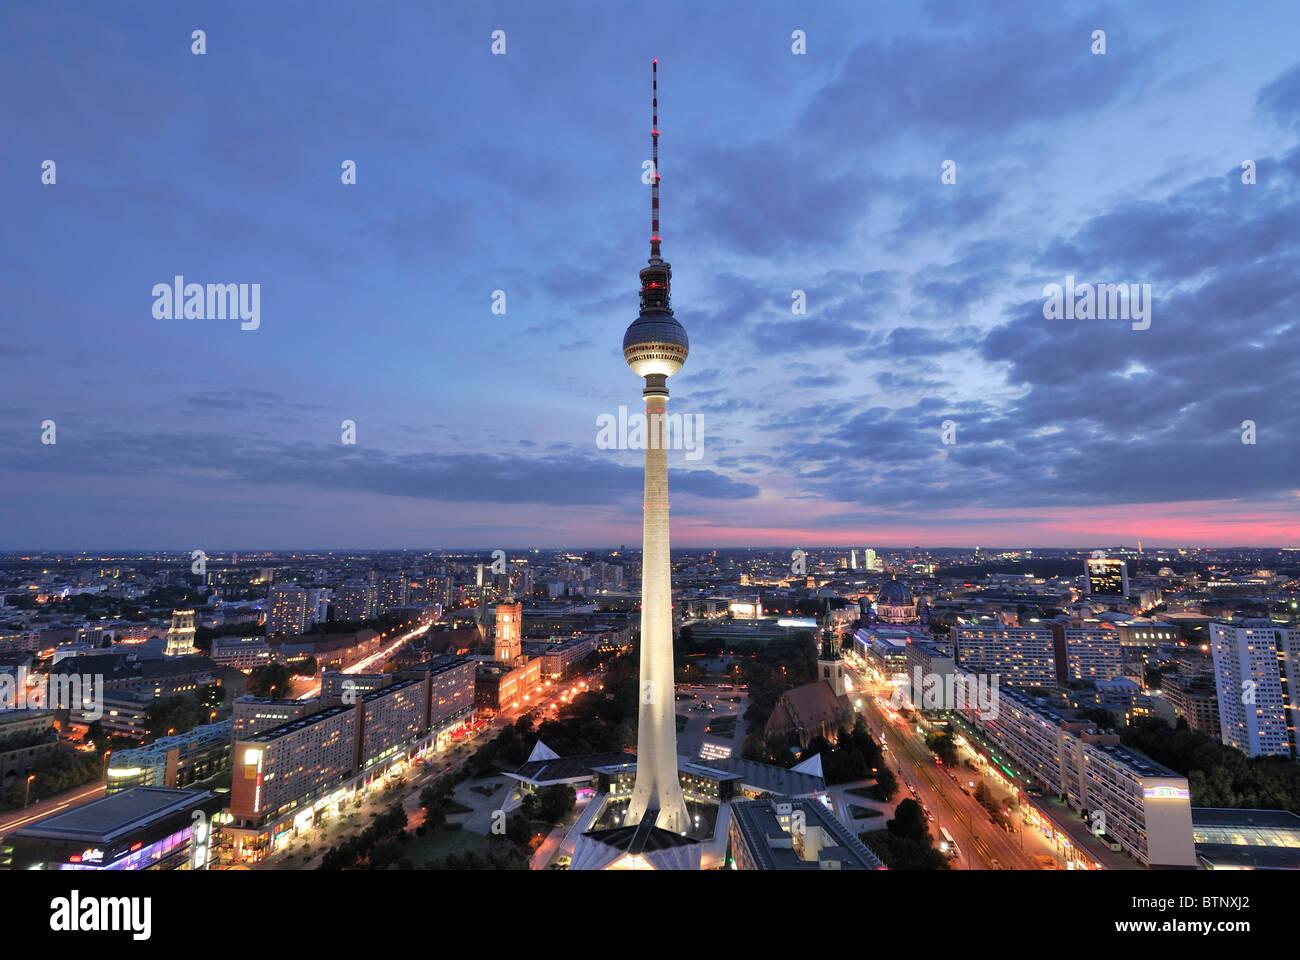 berlin germany dusk view